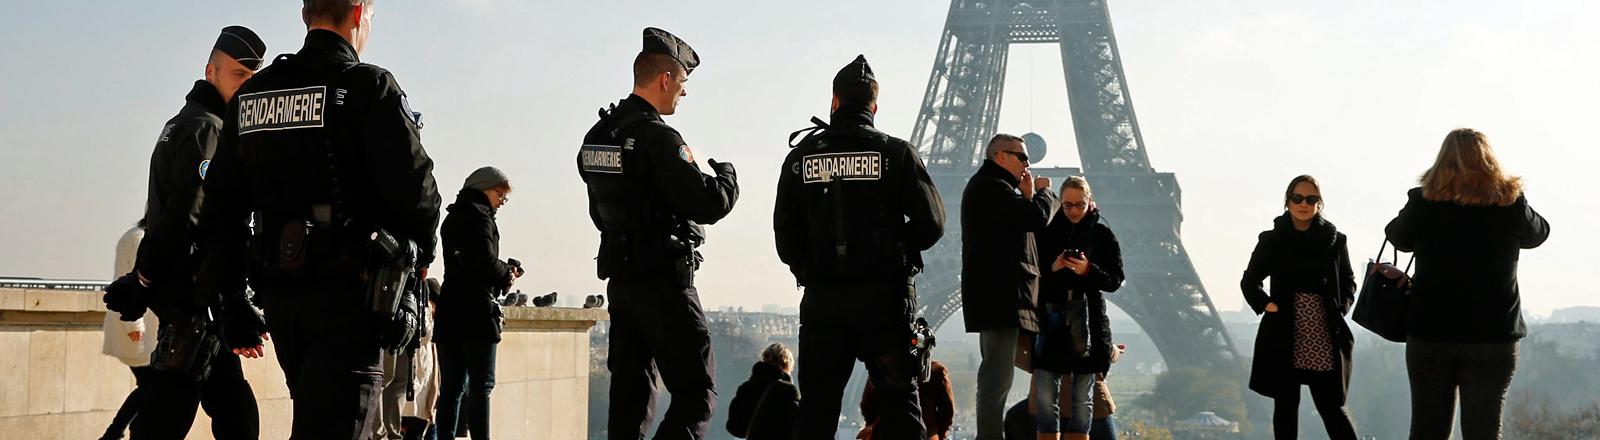 Nach den Anschlägen von Paris: Polizei am Eiffelturm